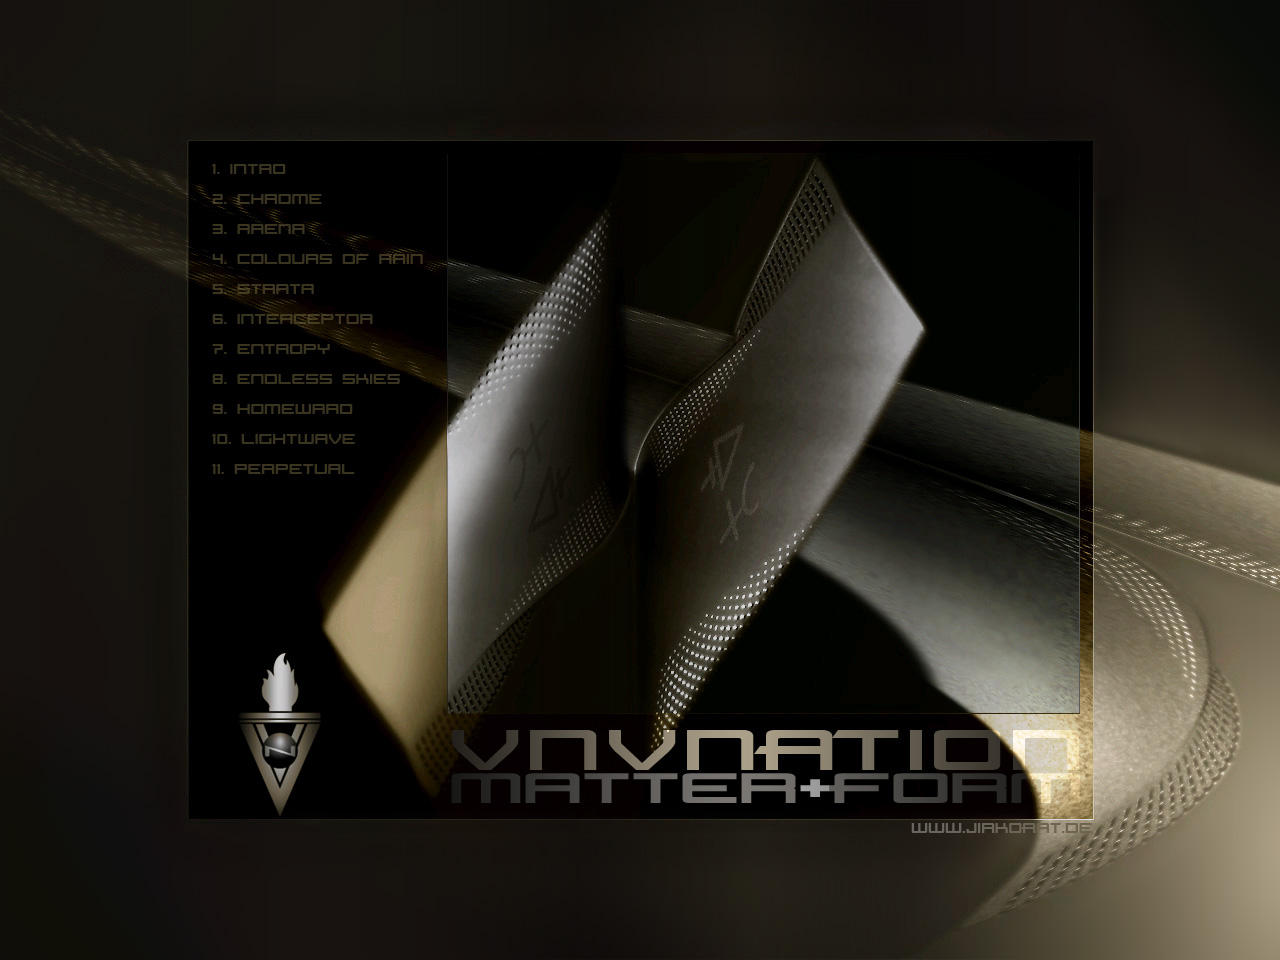 VNV Nation - Matter + Form by JirkoArt